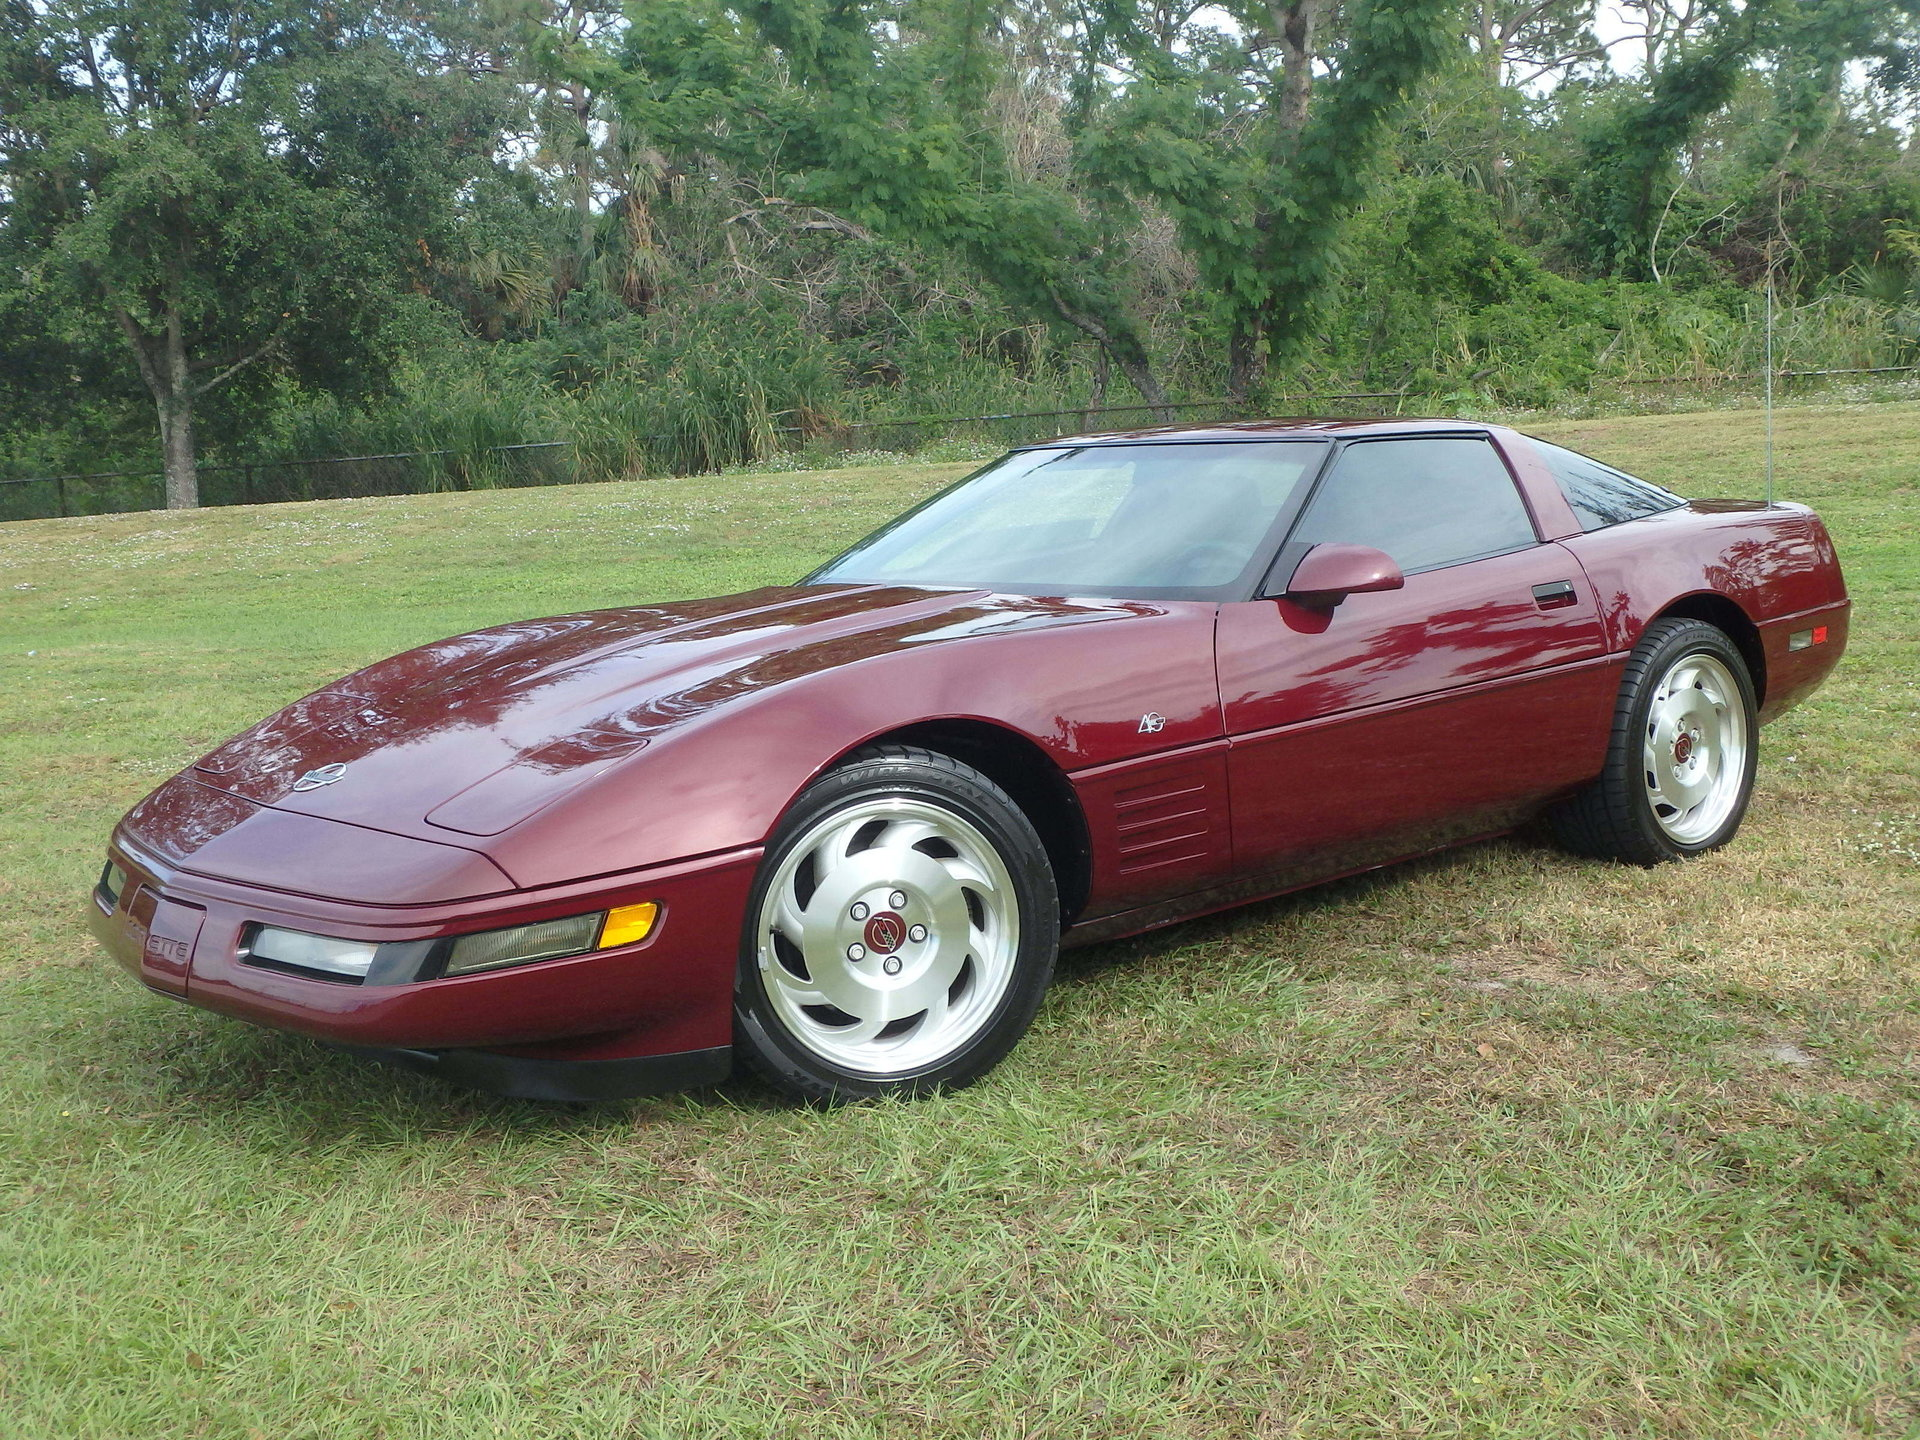 10005852f1b75 hd 1993 chevrolet corvette coupe